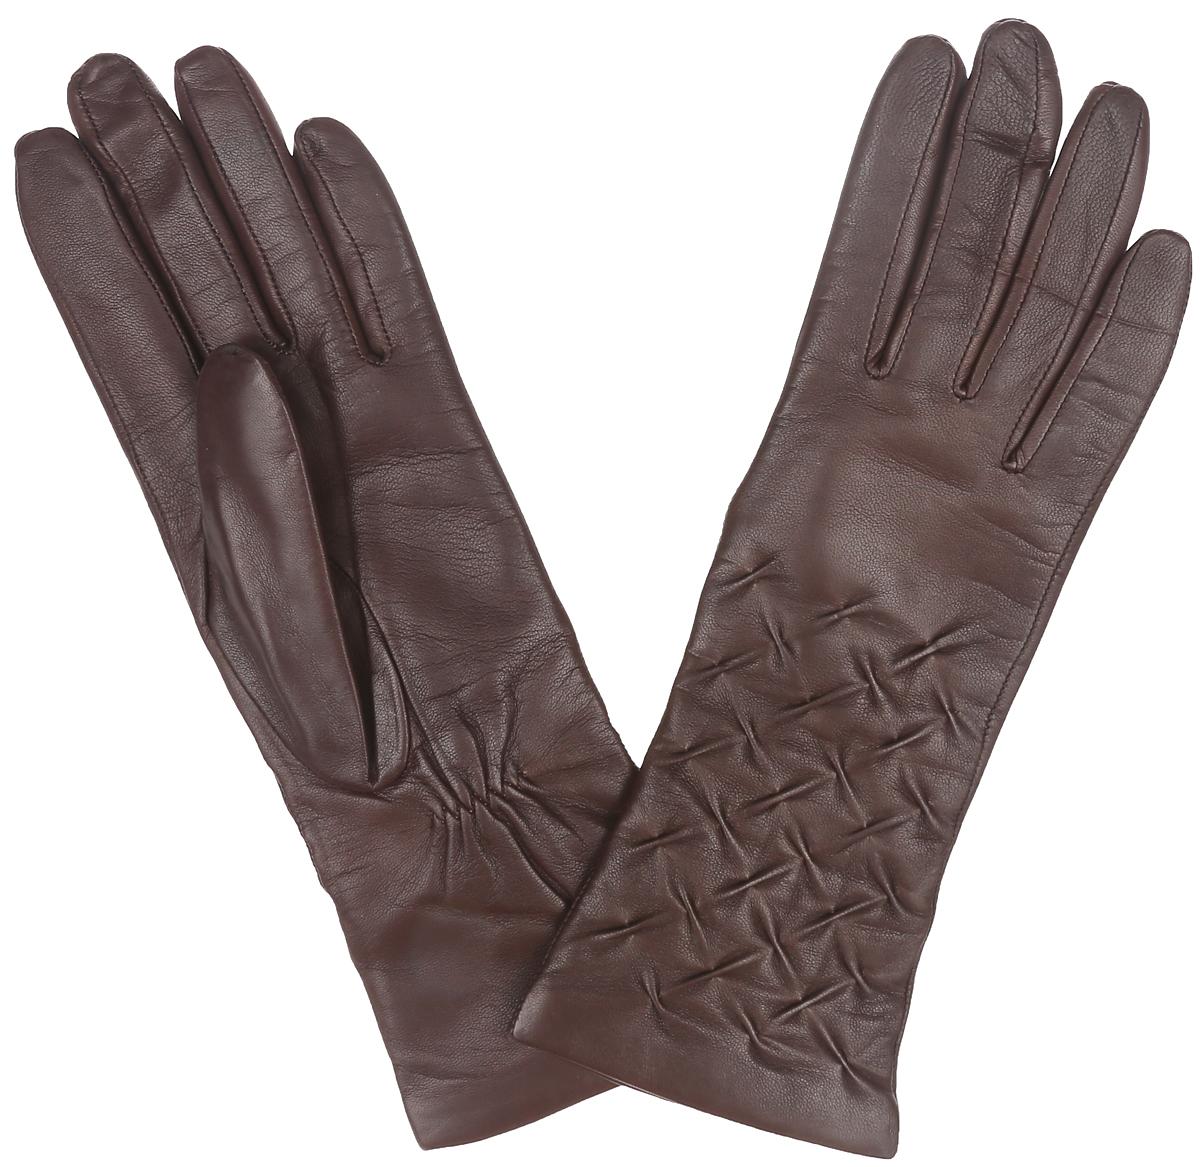 Перчатки женские. IS125-shIS125-shКлассические женские перчатки Eleganzza идеально подойдут для модниц с узкой ручкой. Перчатки выполнены из необыкновенно мягкой и приятной на ощупь кожи ягненка, а их подкладка - из натуральной шерсти с добавлением кашемира. Лицевая сторона украшена декоративным тиснением. Тыльная сторона дополнена резинкой для оптимальной посадки модели на руке. Потрясающие женские перчатки Eleganzza подойдут романтичным особам с тонким вкусом. Но самое главное - они защитят руки от холода и ветра, сохраняя их красоту.